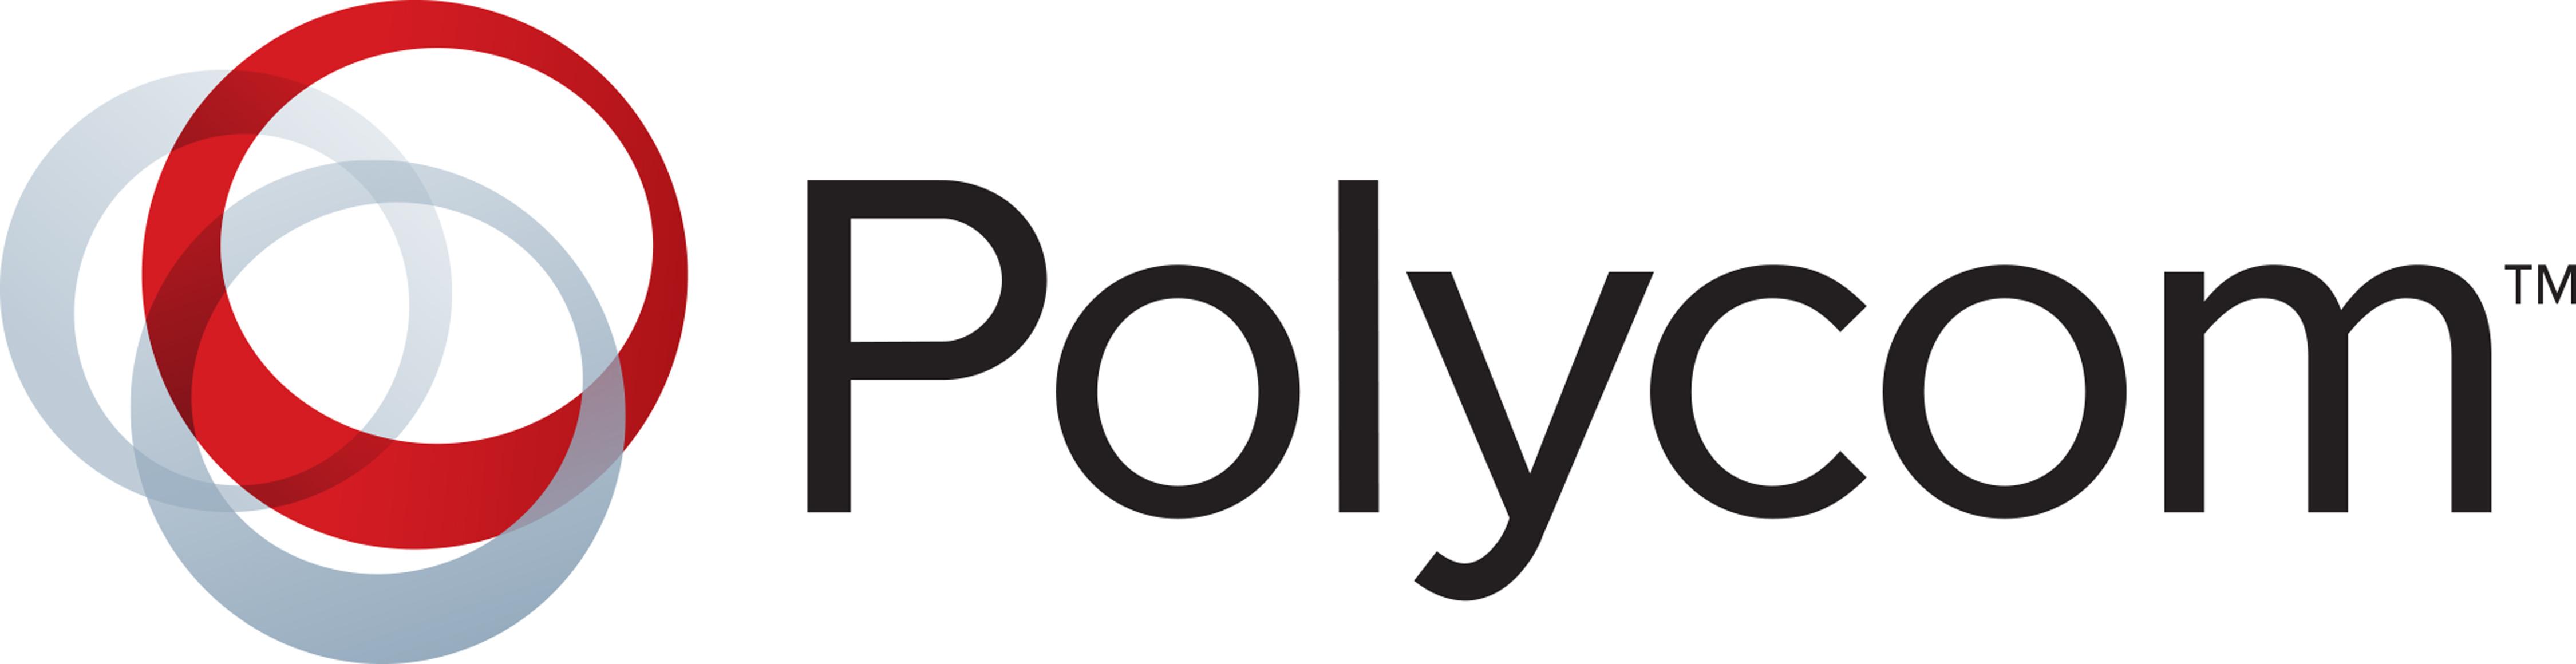 Polycom_FullColor_Logo